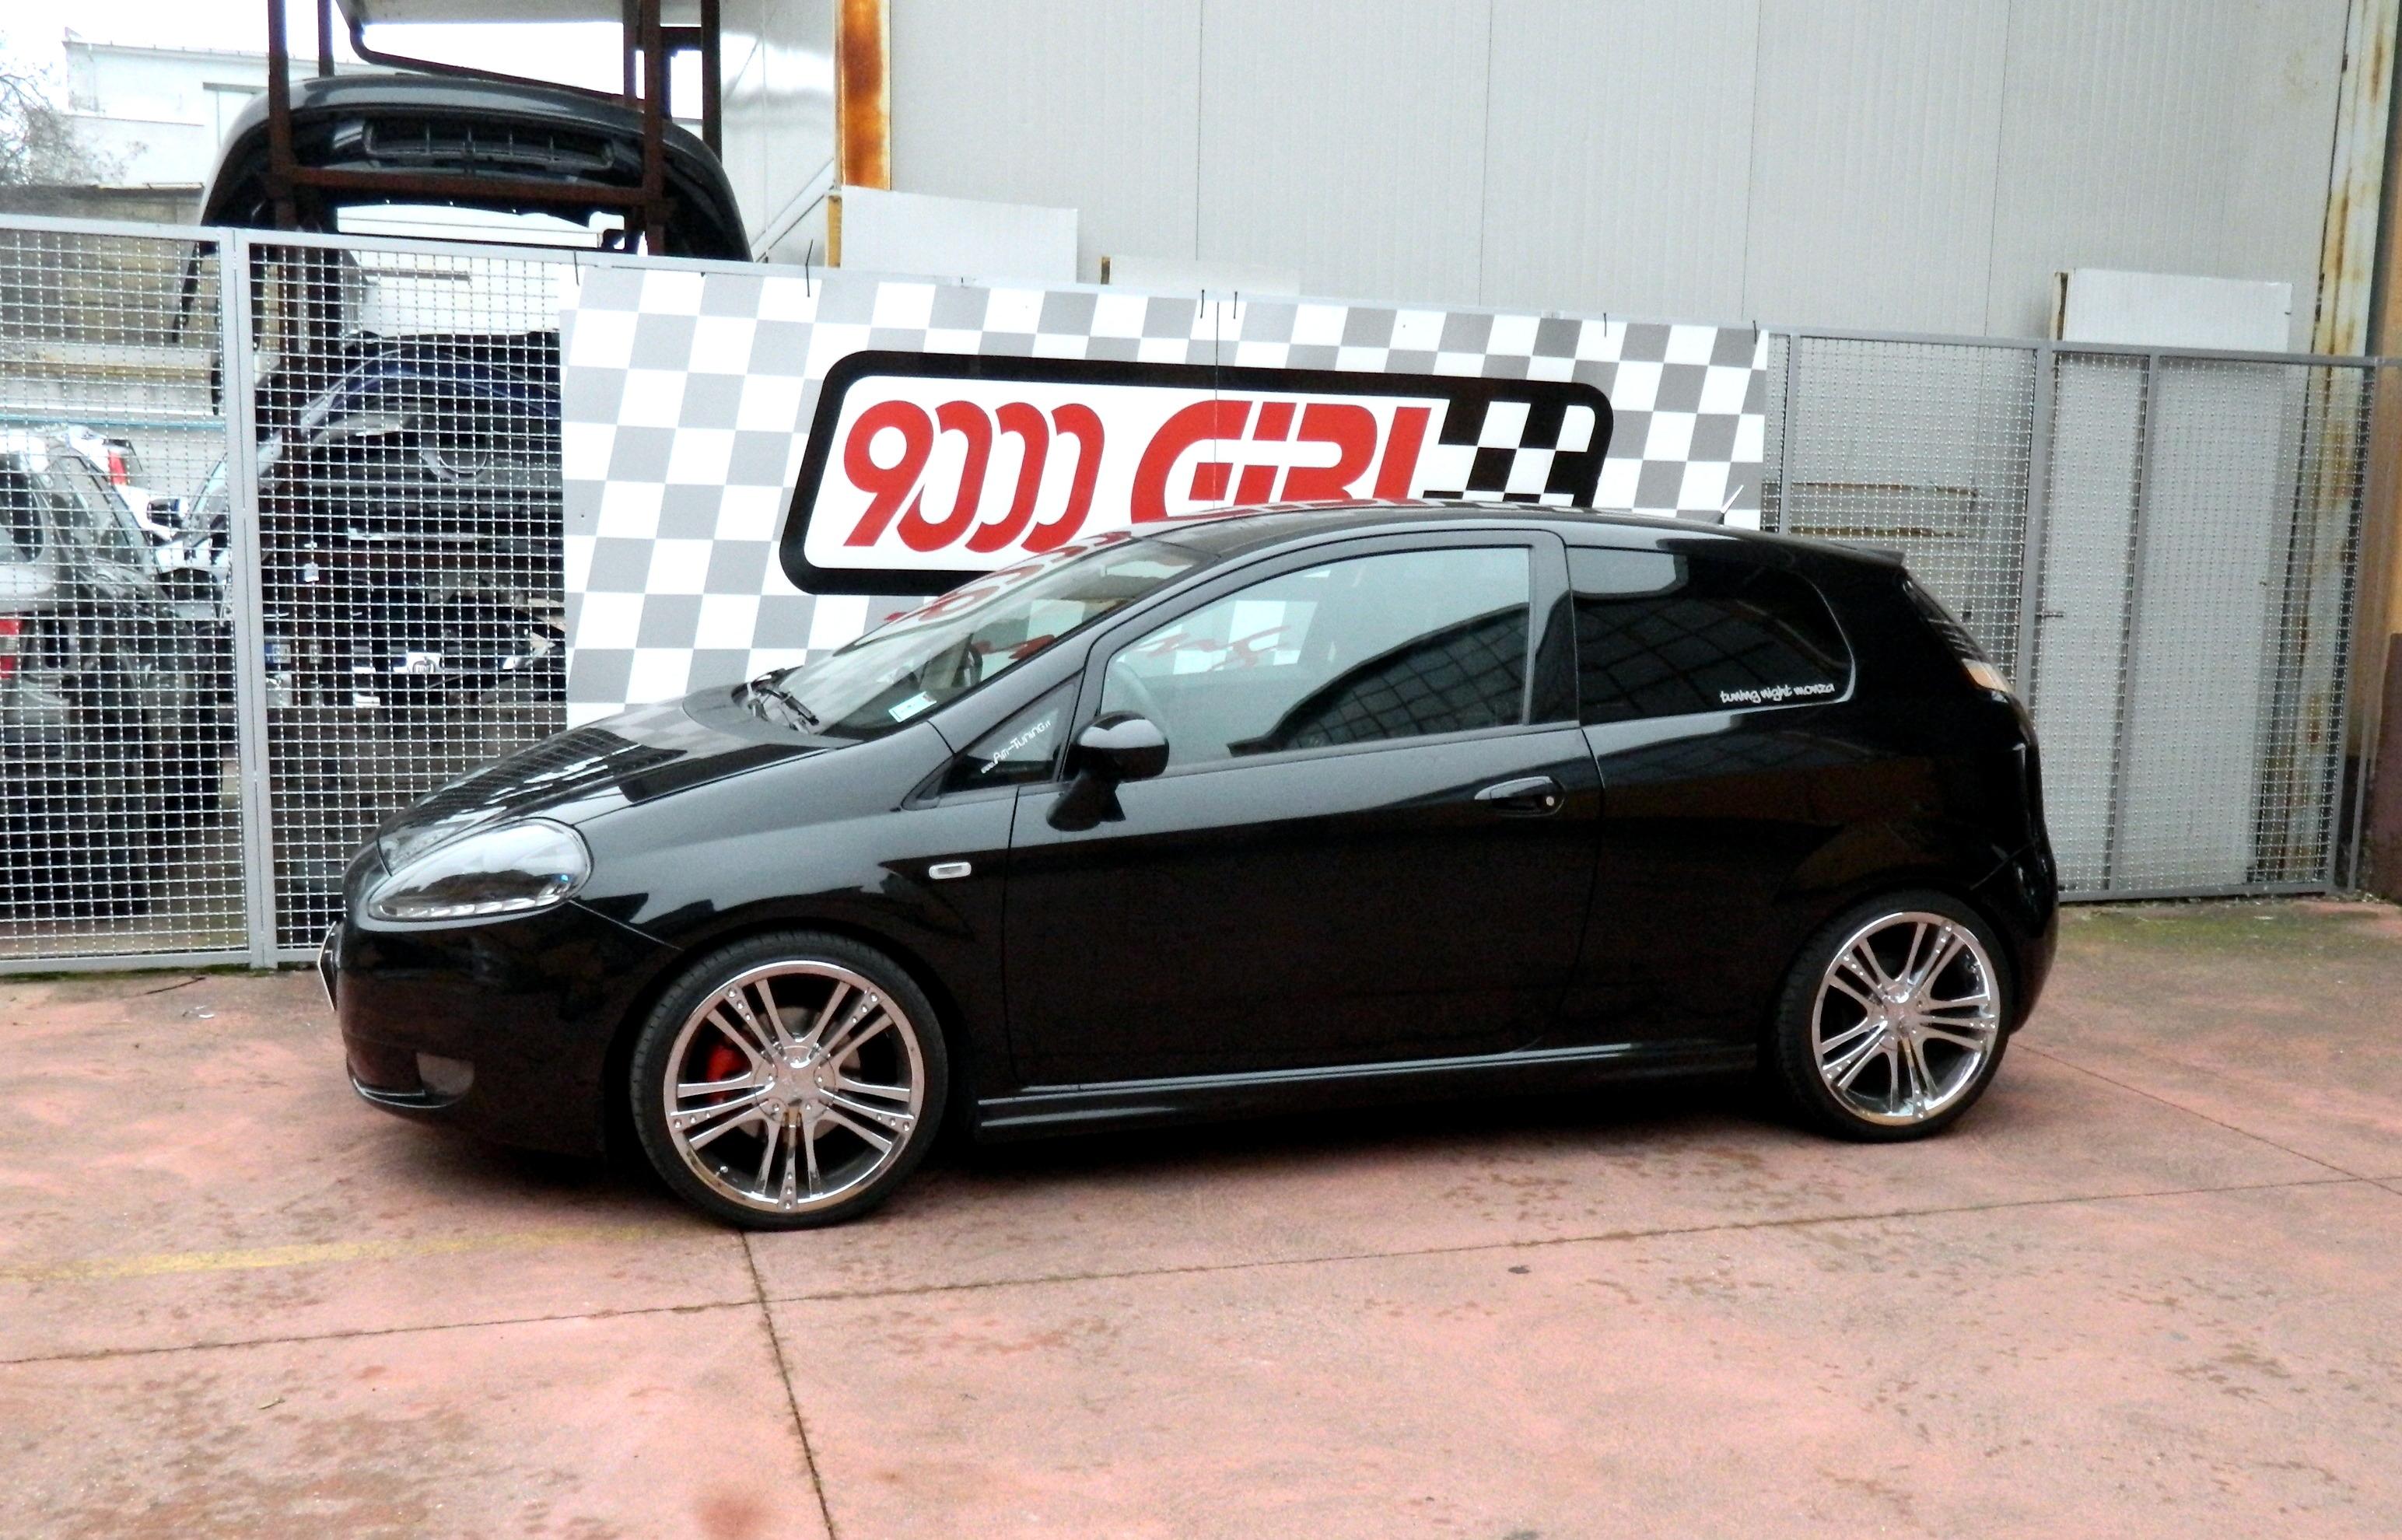 Archivio Elaborazioni 187 Fiat Grande Punto 1 3 Mjet Black Boy 9000 Giri